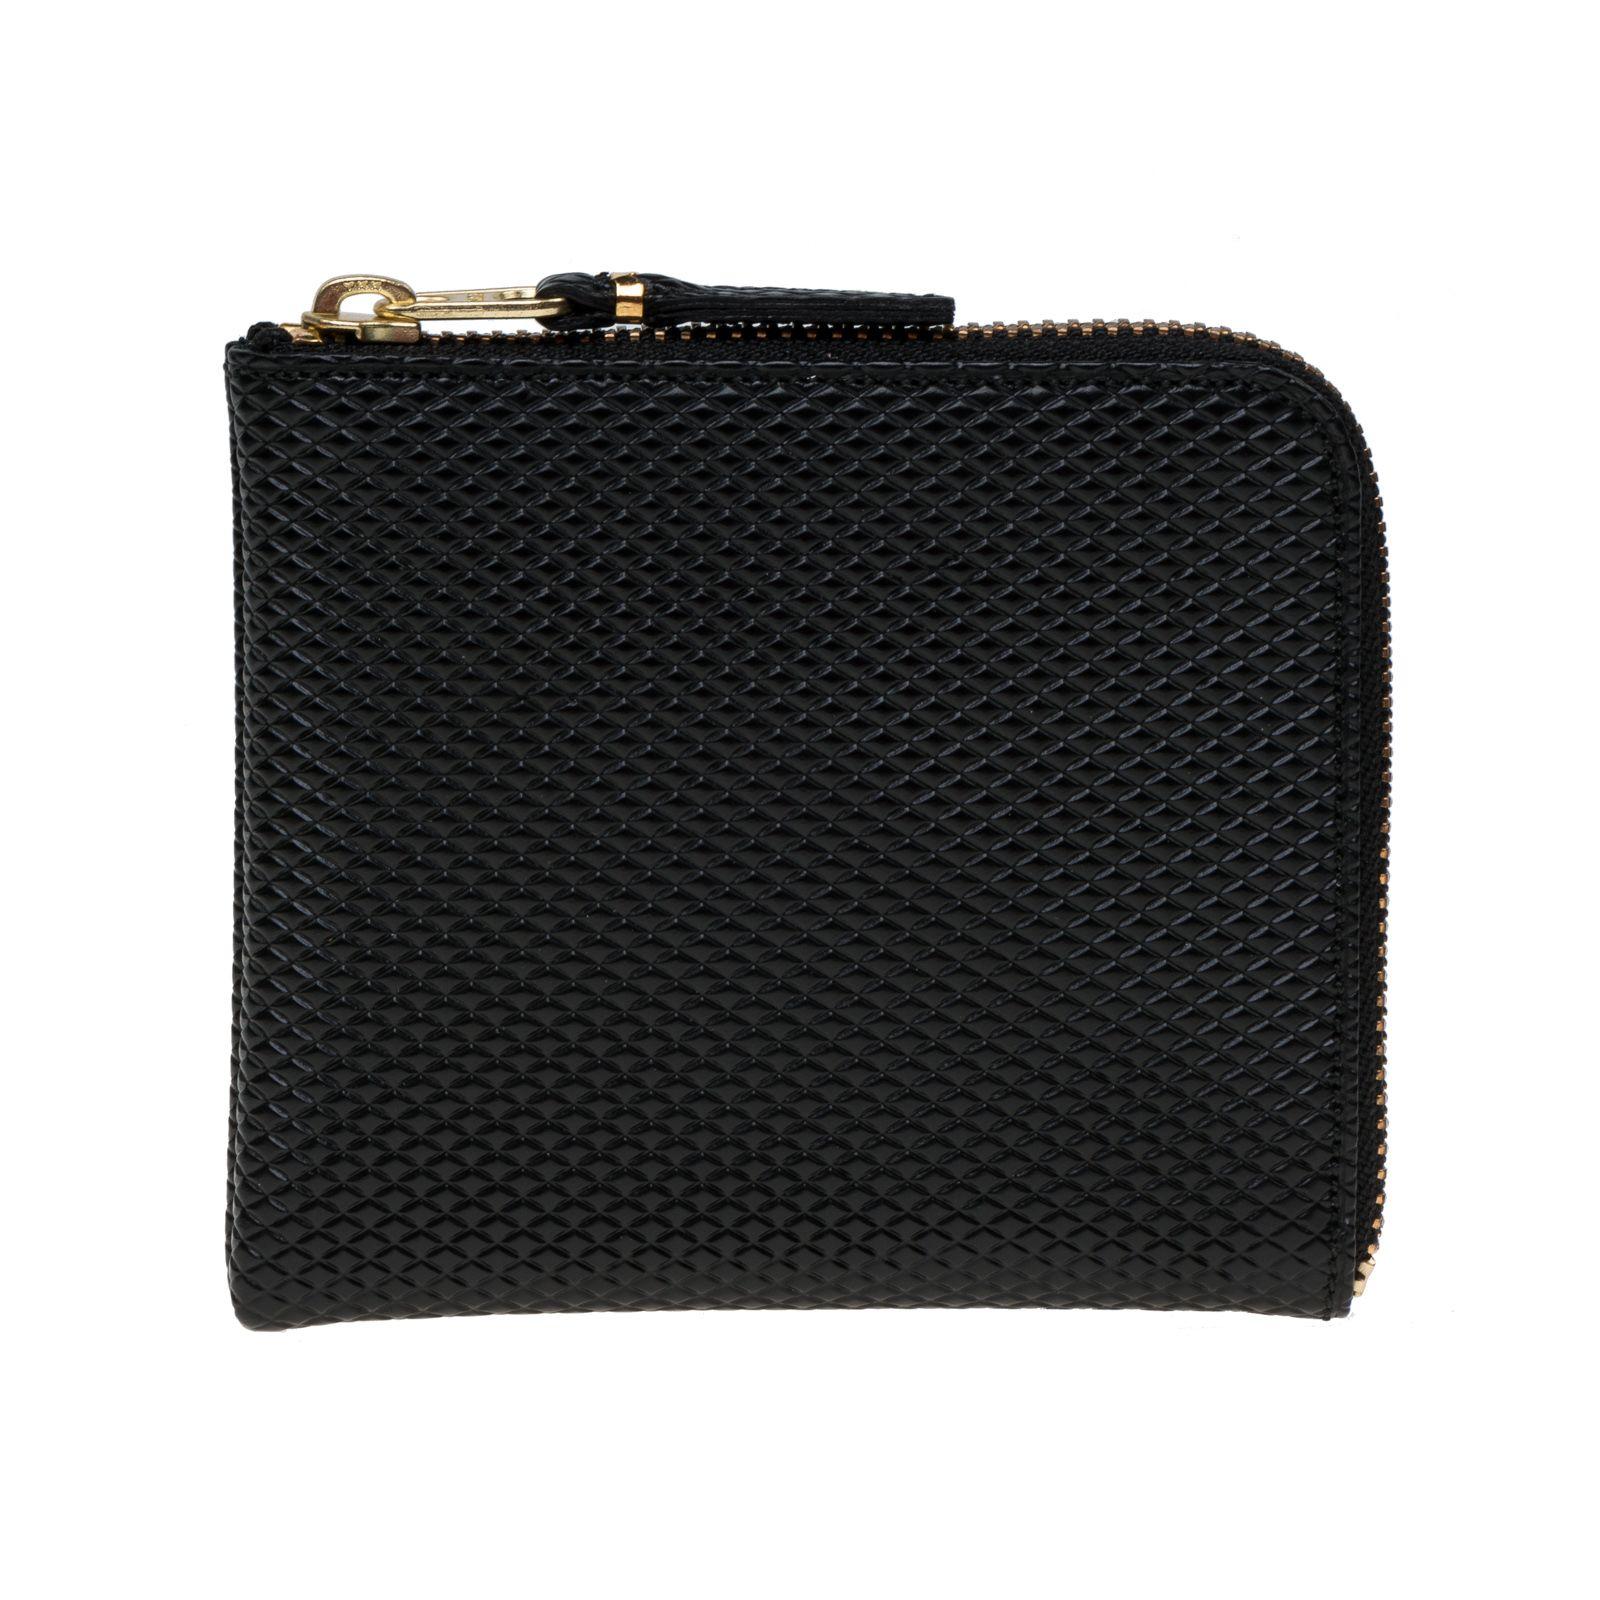 Comme Des Garçons Wallet luxury Group Zip-around Purse